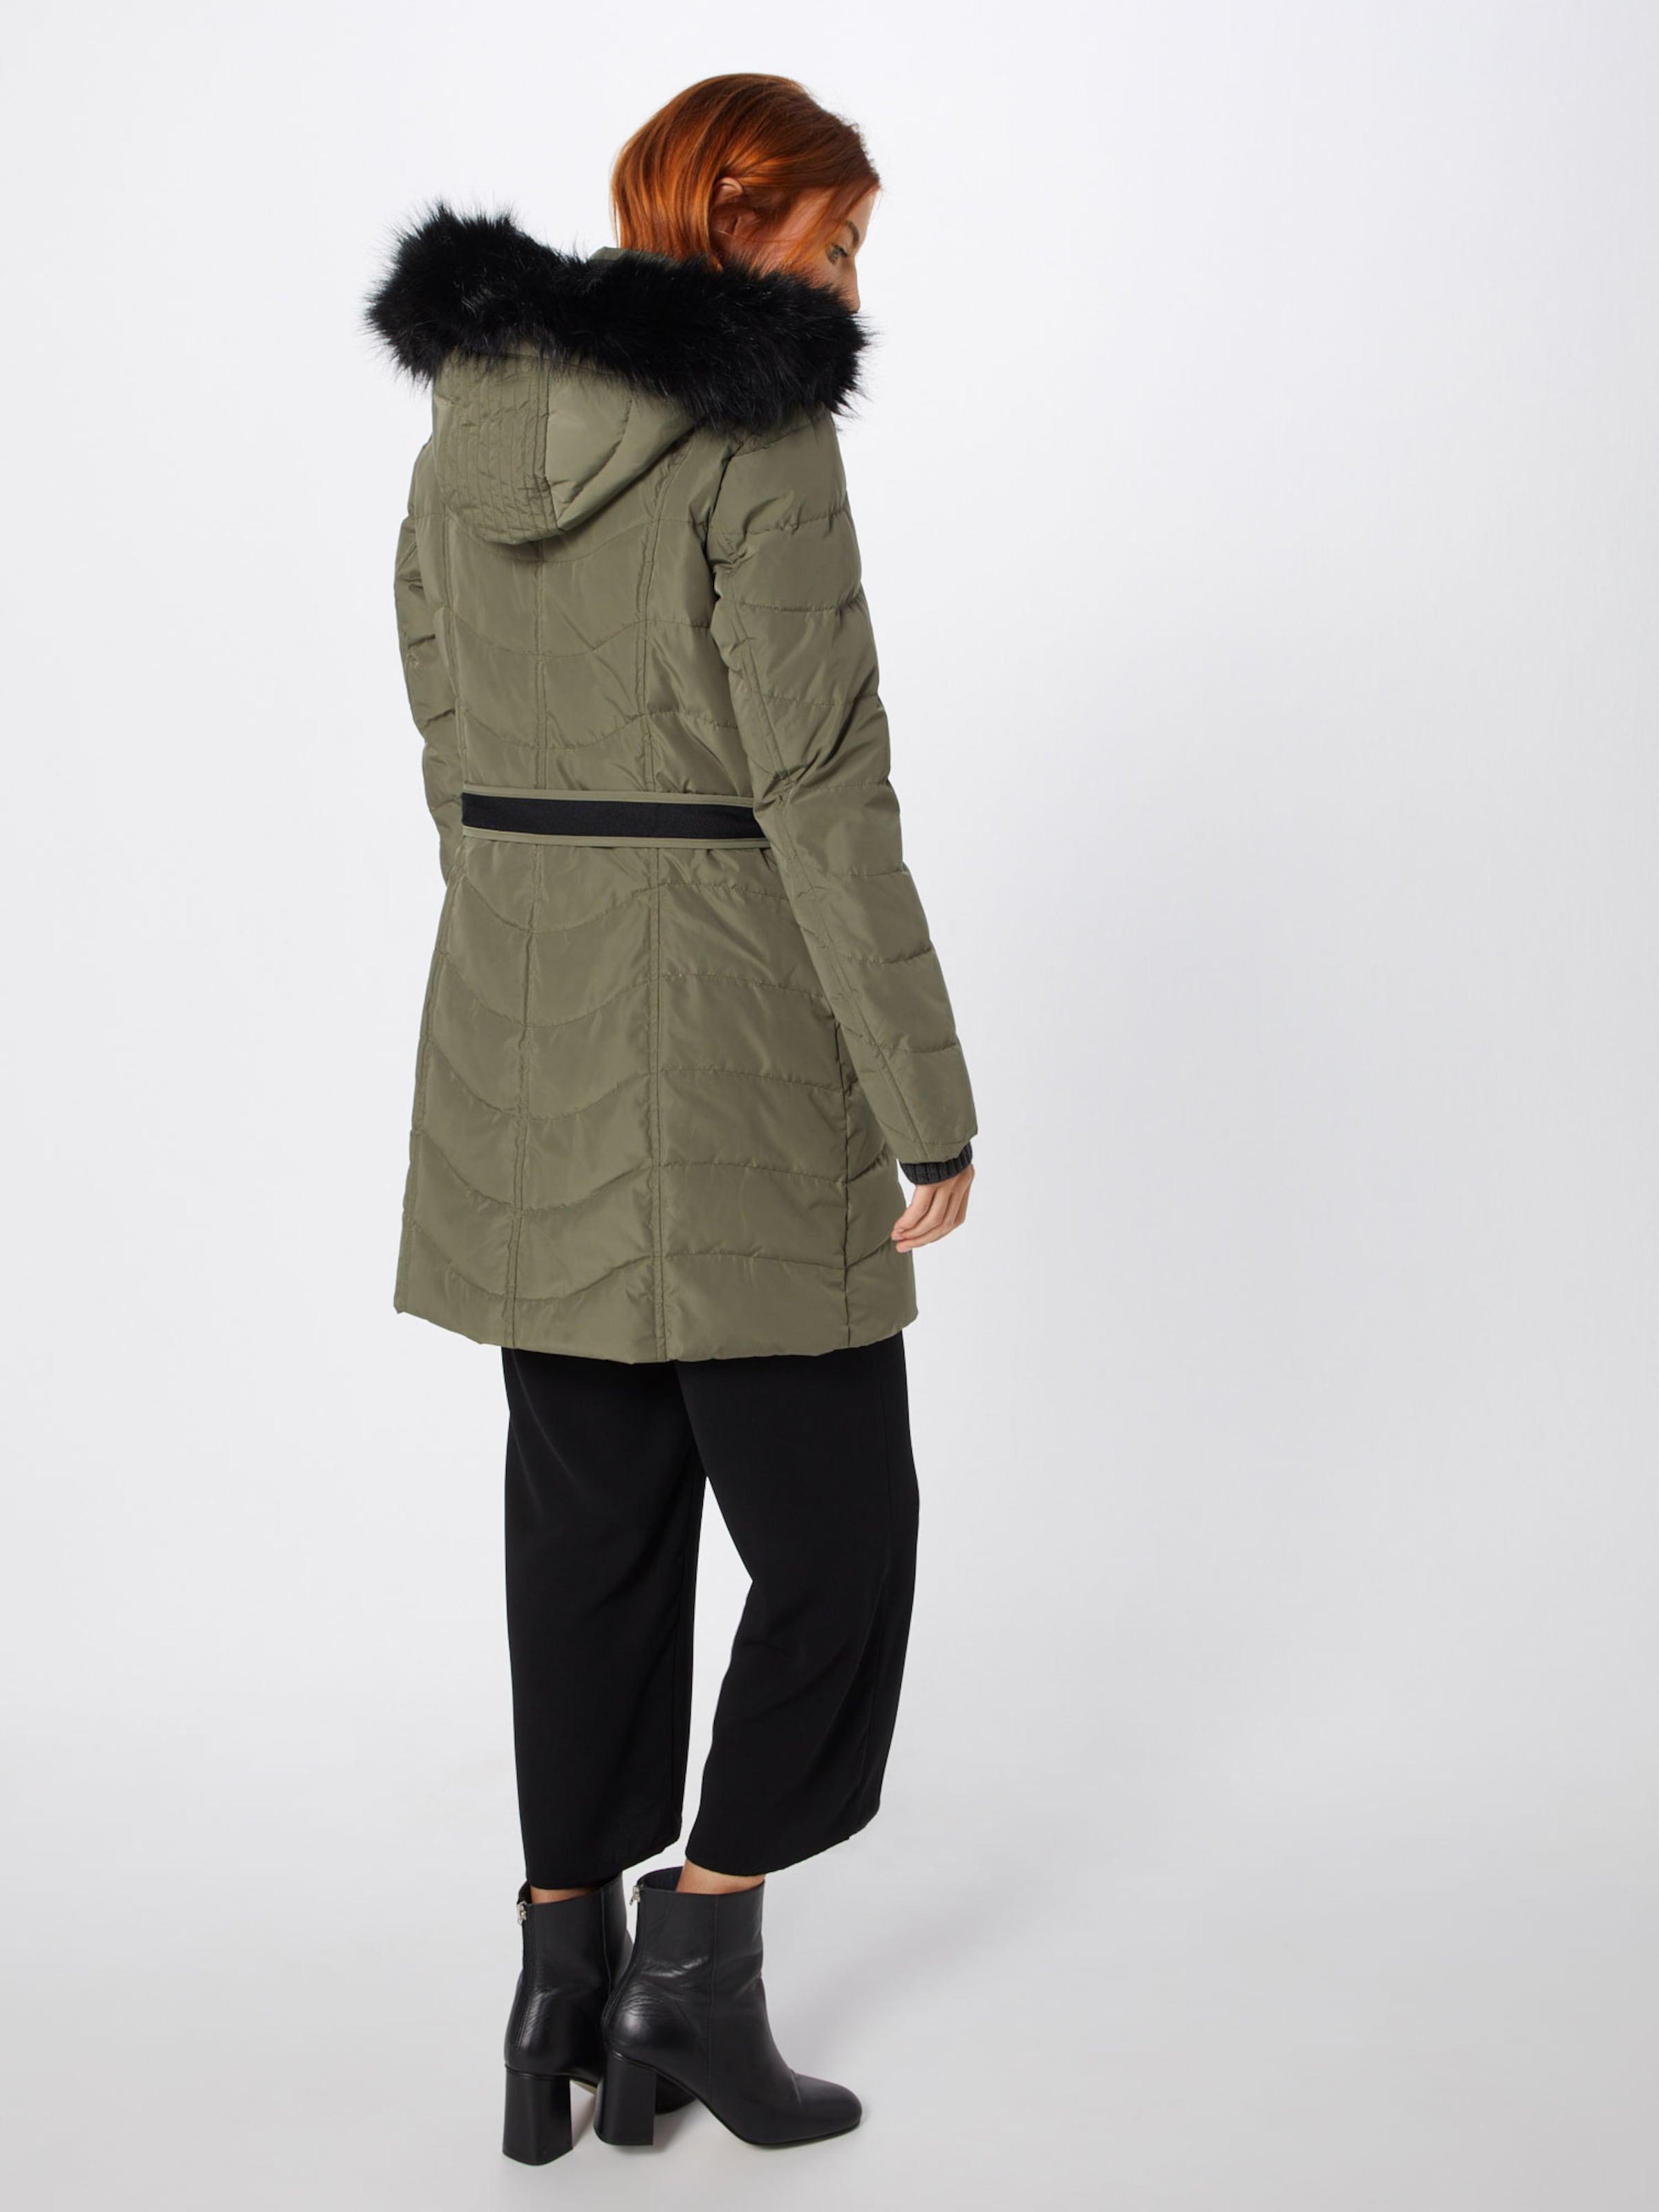 Noir S Manteau Label Red oliver En D'hiver xQBeoECrdW